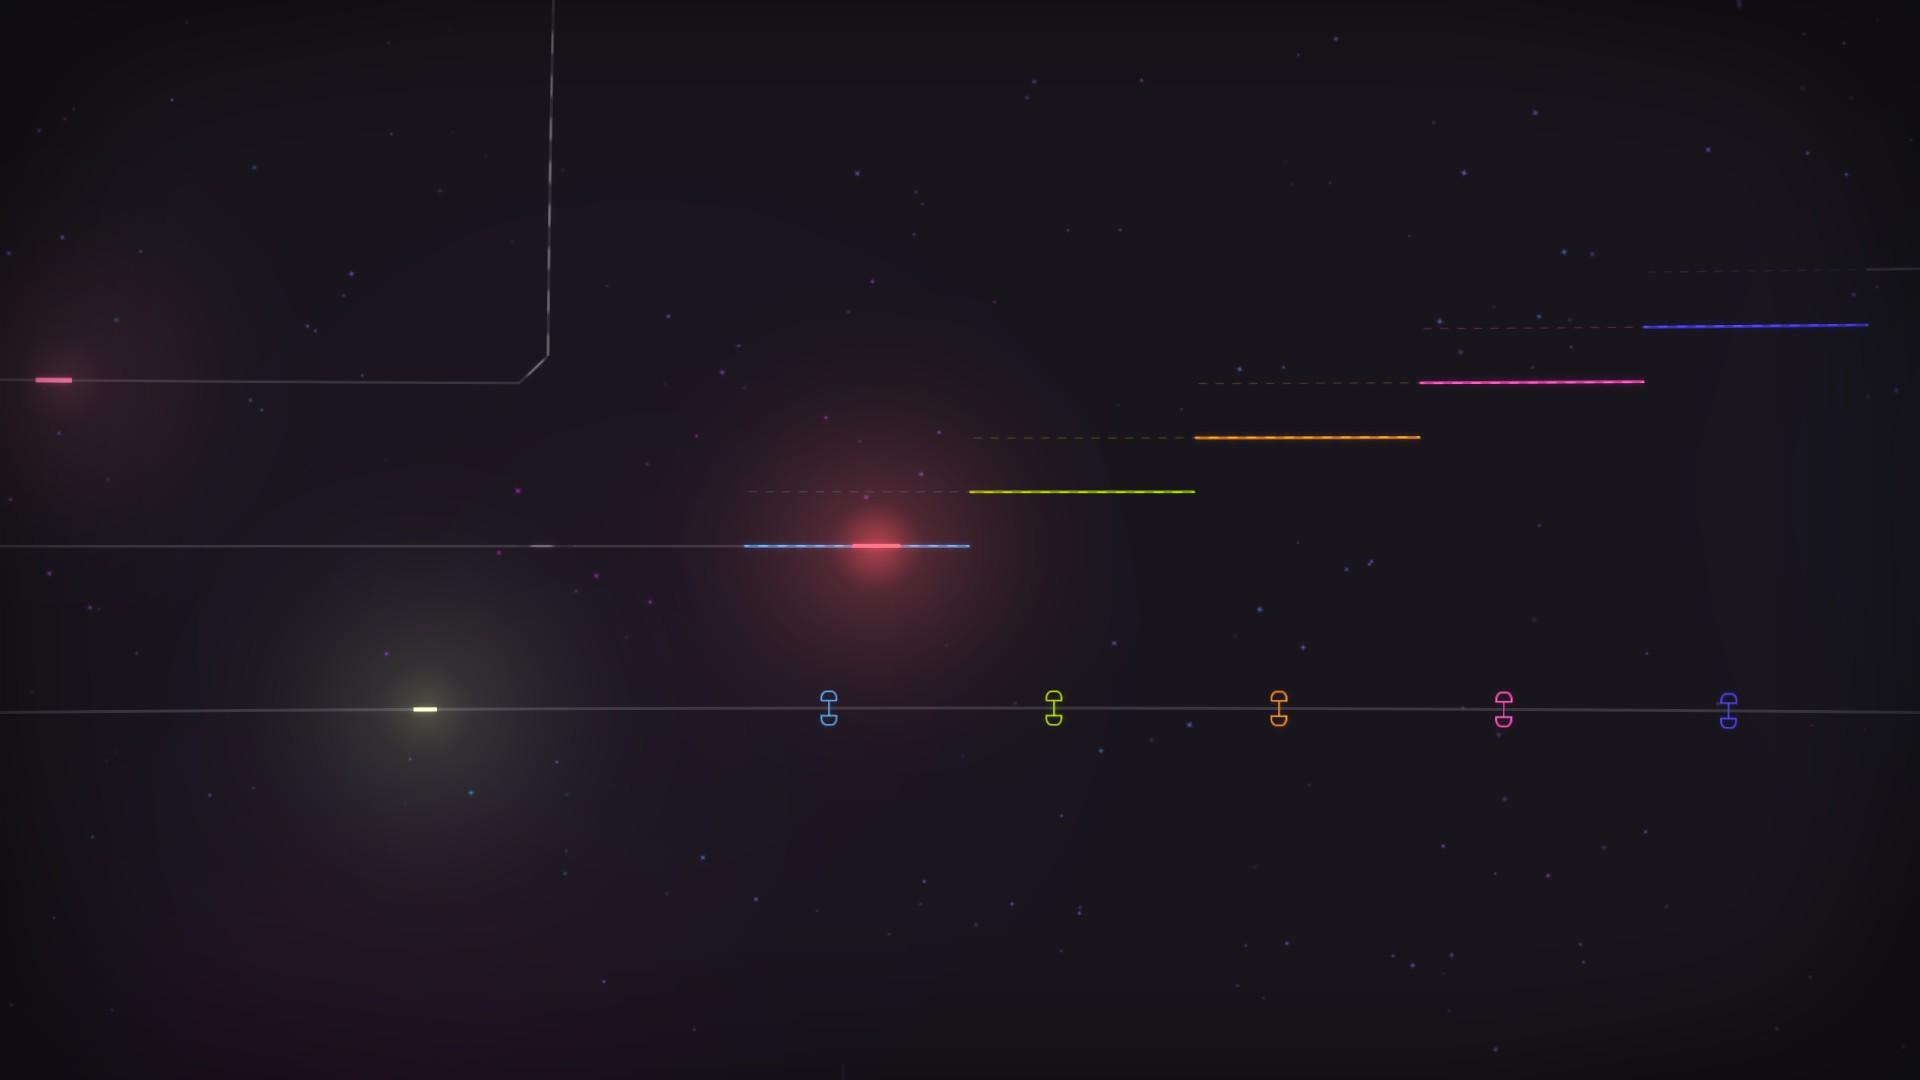 Linelight - perfektní logická hra s nezapomenutelnou atmosférou 12991